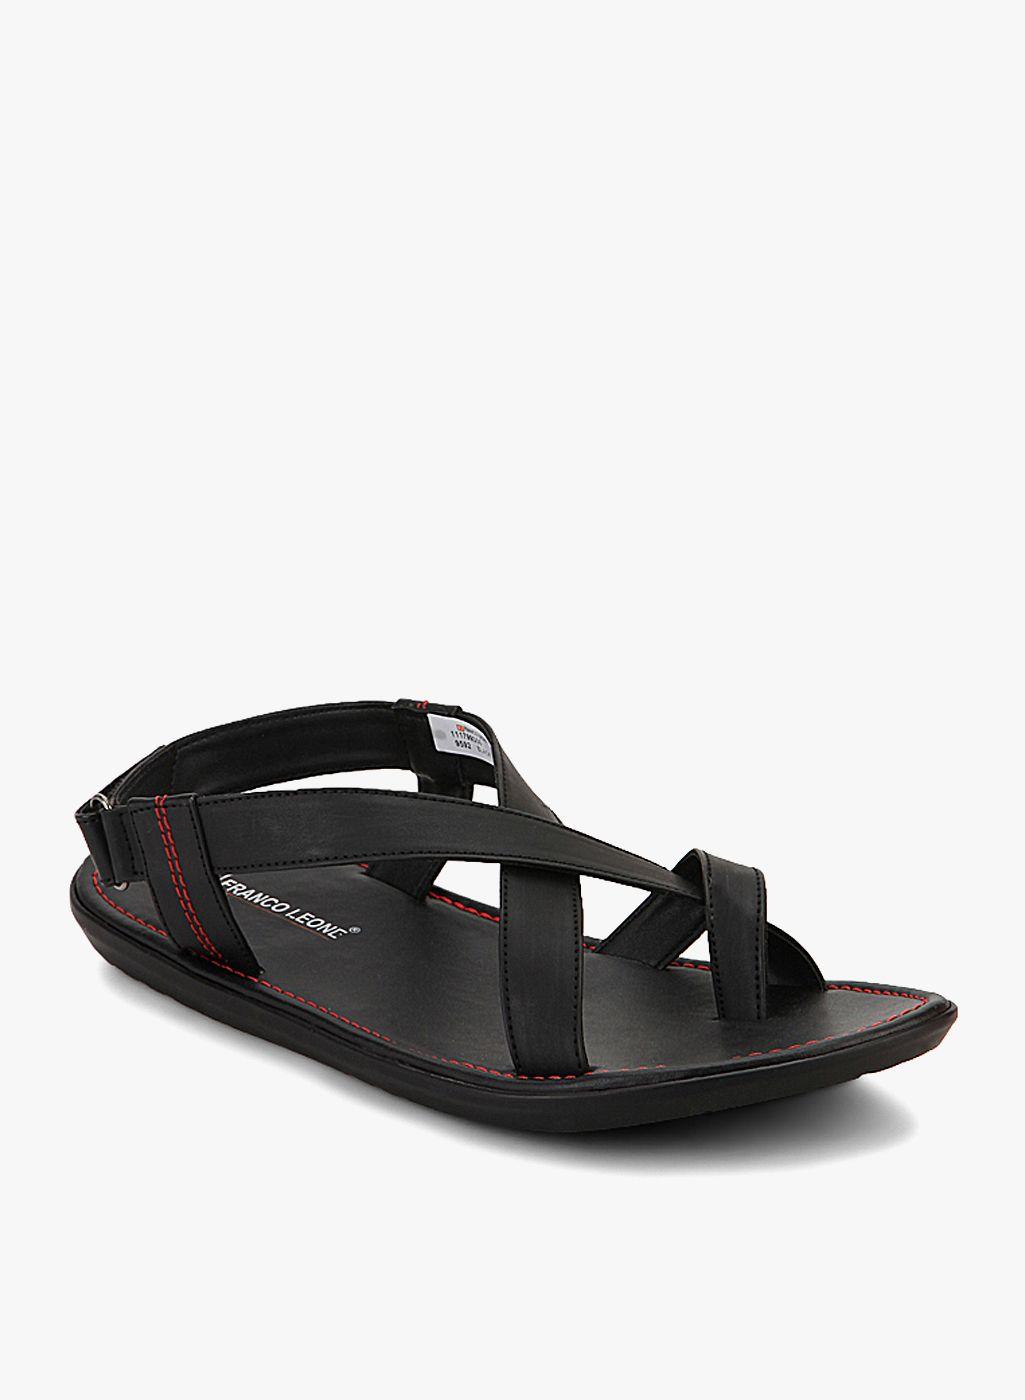 Buy Franco Leone Black Sandals for Men Online India, Best Prices, Reviews |  FR057SH80JBFINDFAS. Sandali NeriSabbiePantofole